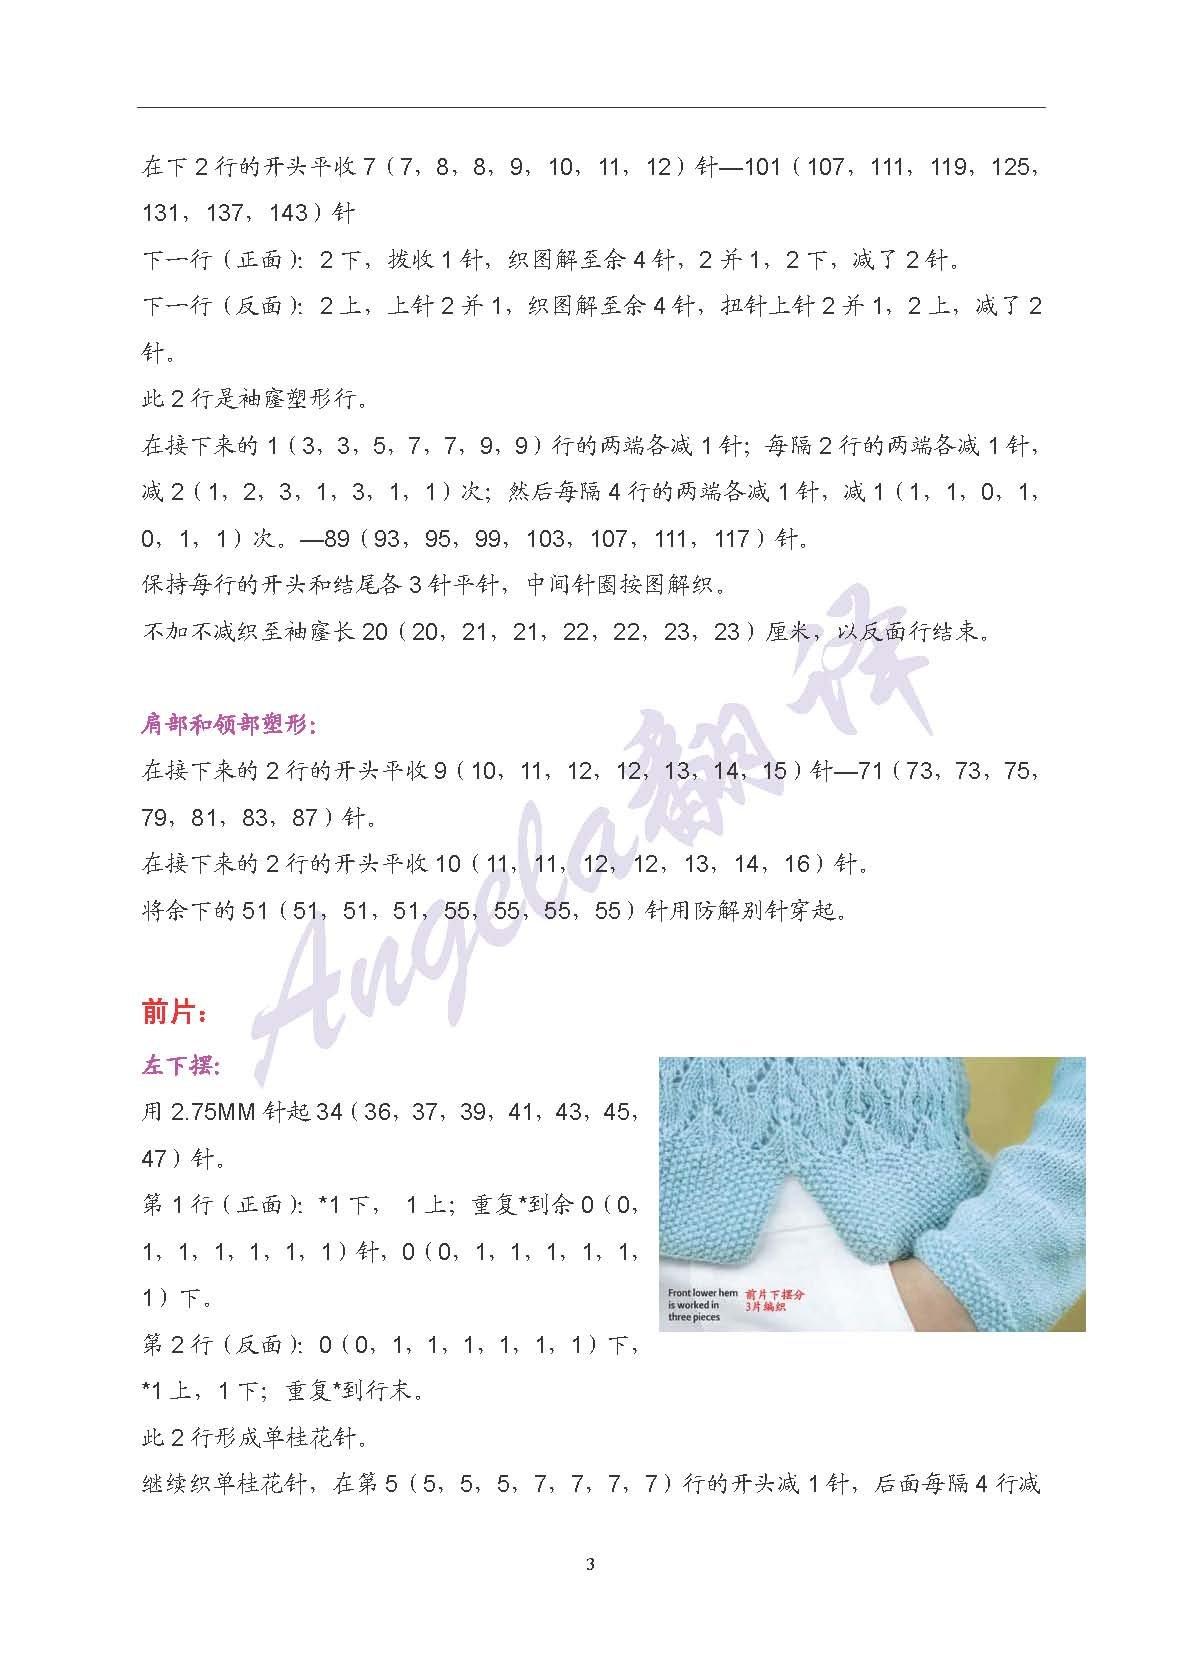 【引用译文】蓝叶(蕾丝套头衫) - 壹一 - 壹一编织博客